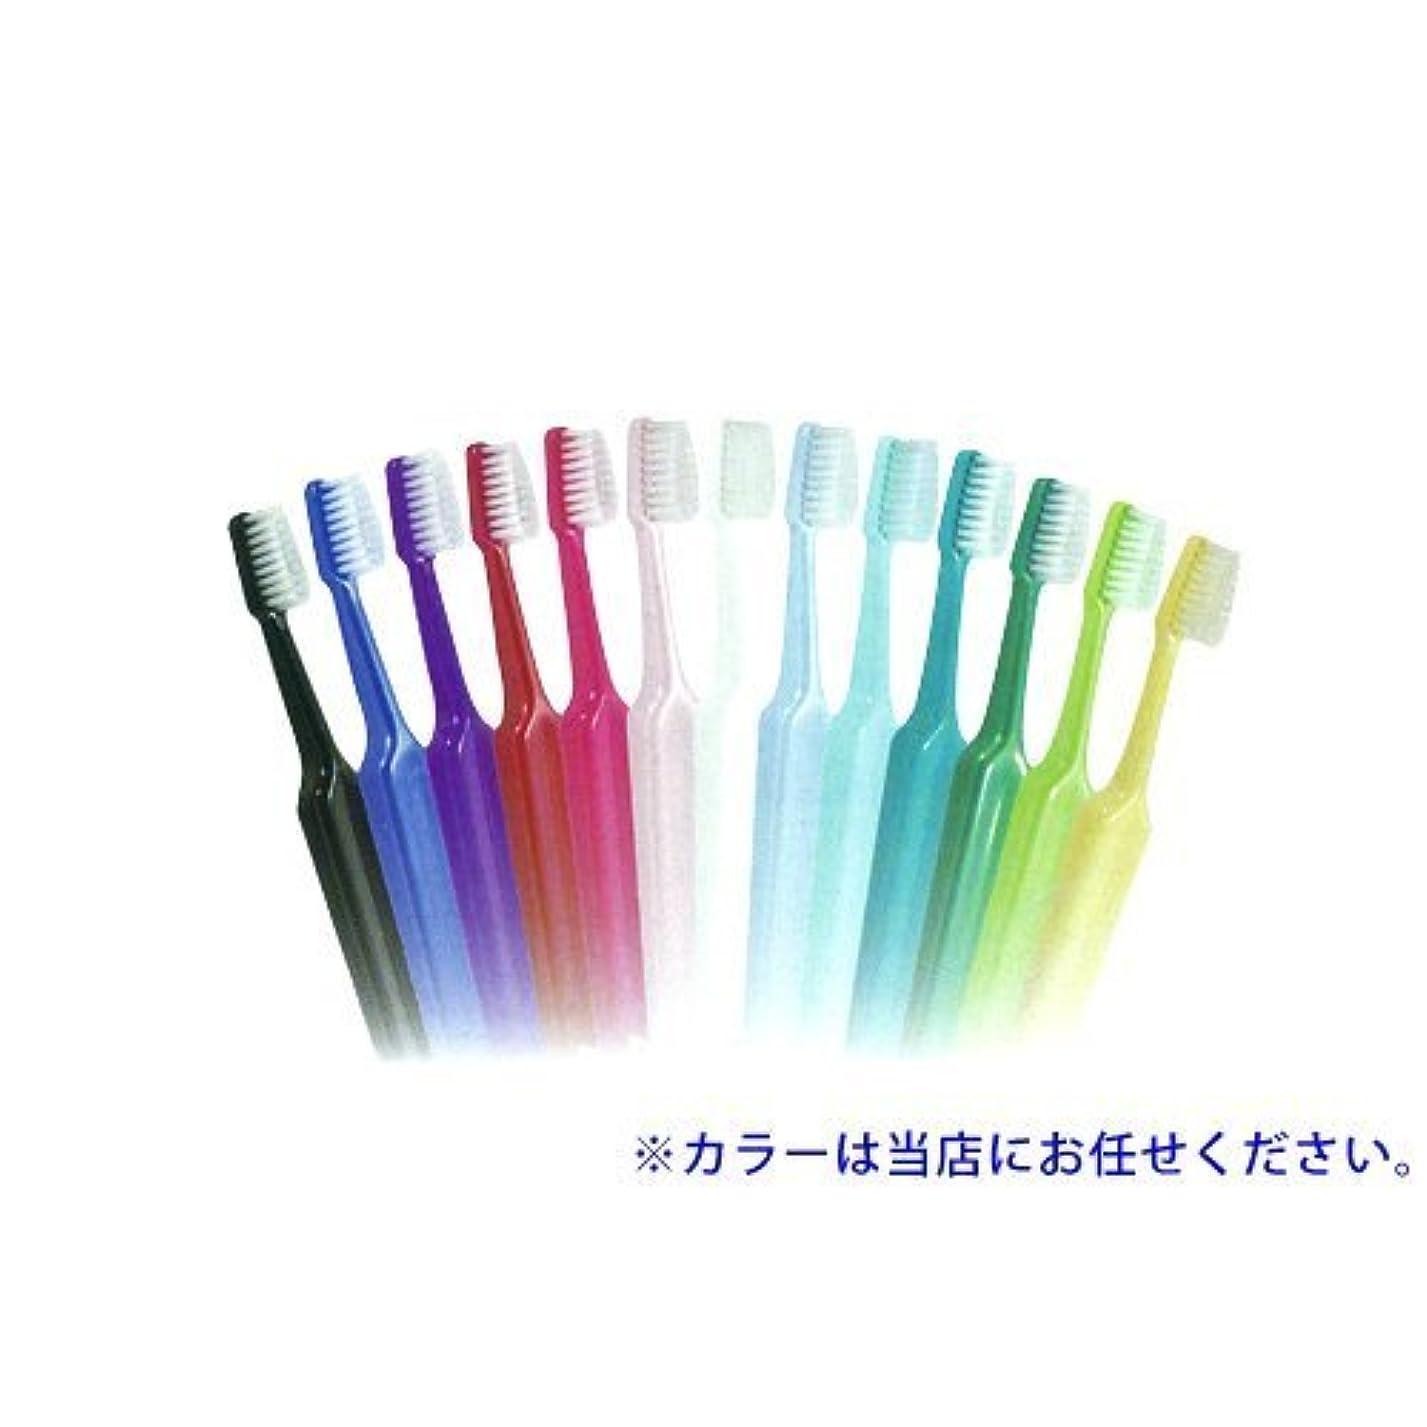 ばか猛烈な農業のTepe歯ブラシ セレクトミニ/エクストラソフト 25本/箱